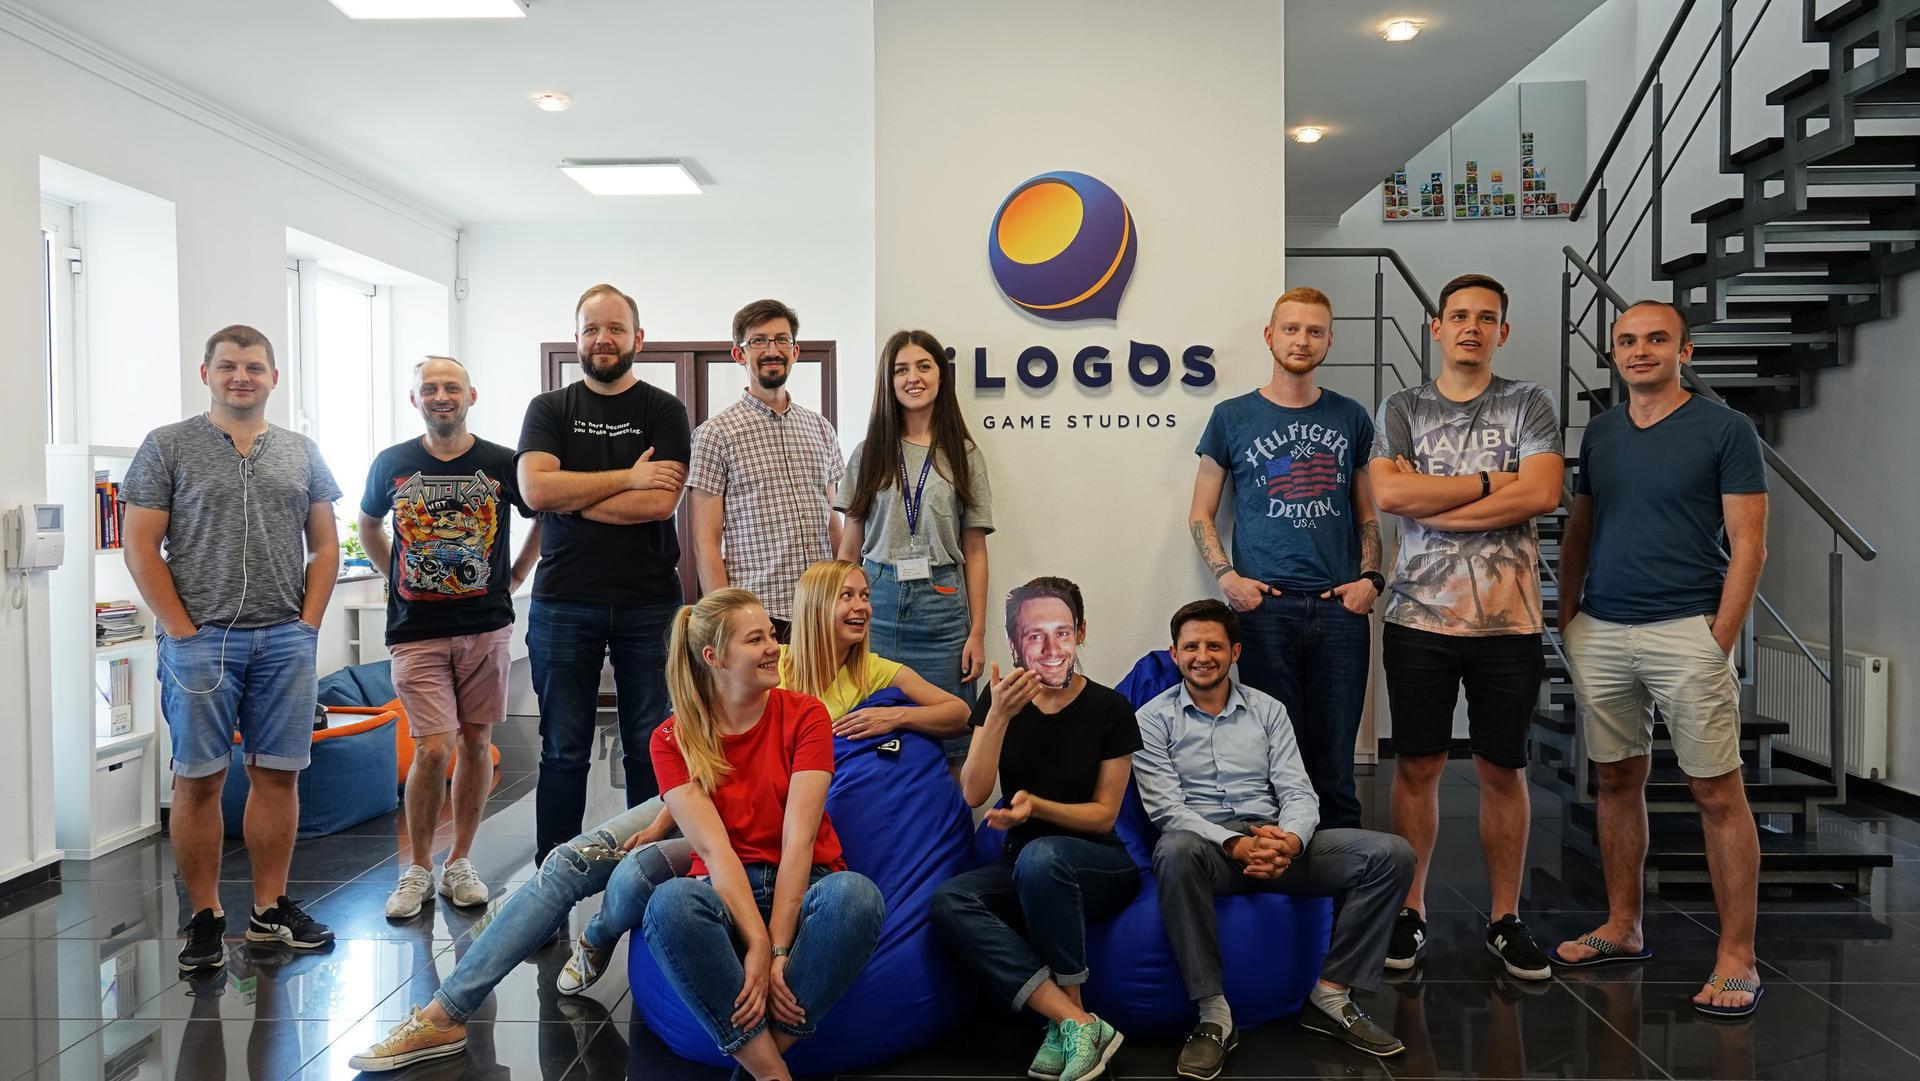 Команда iLogos Game Studios